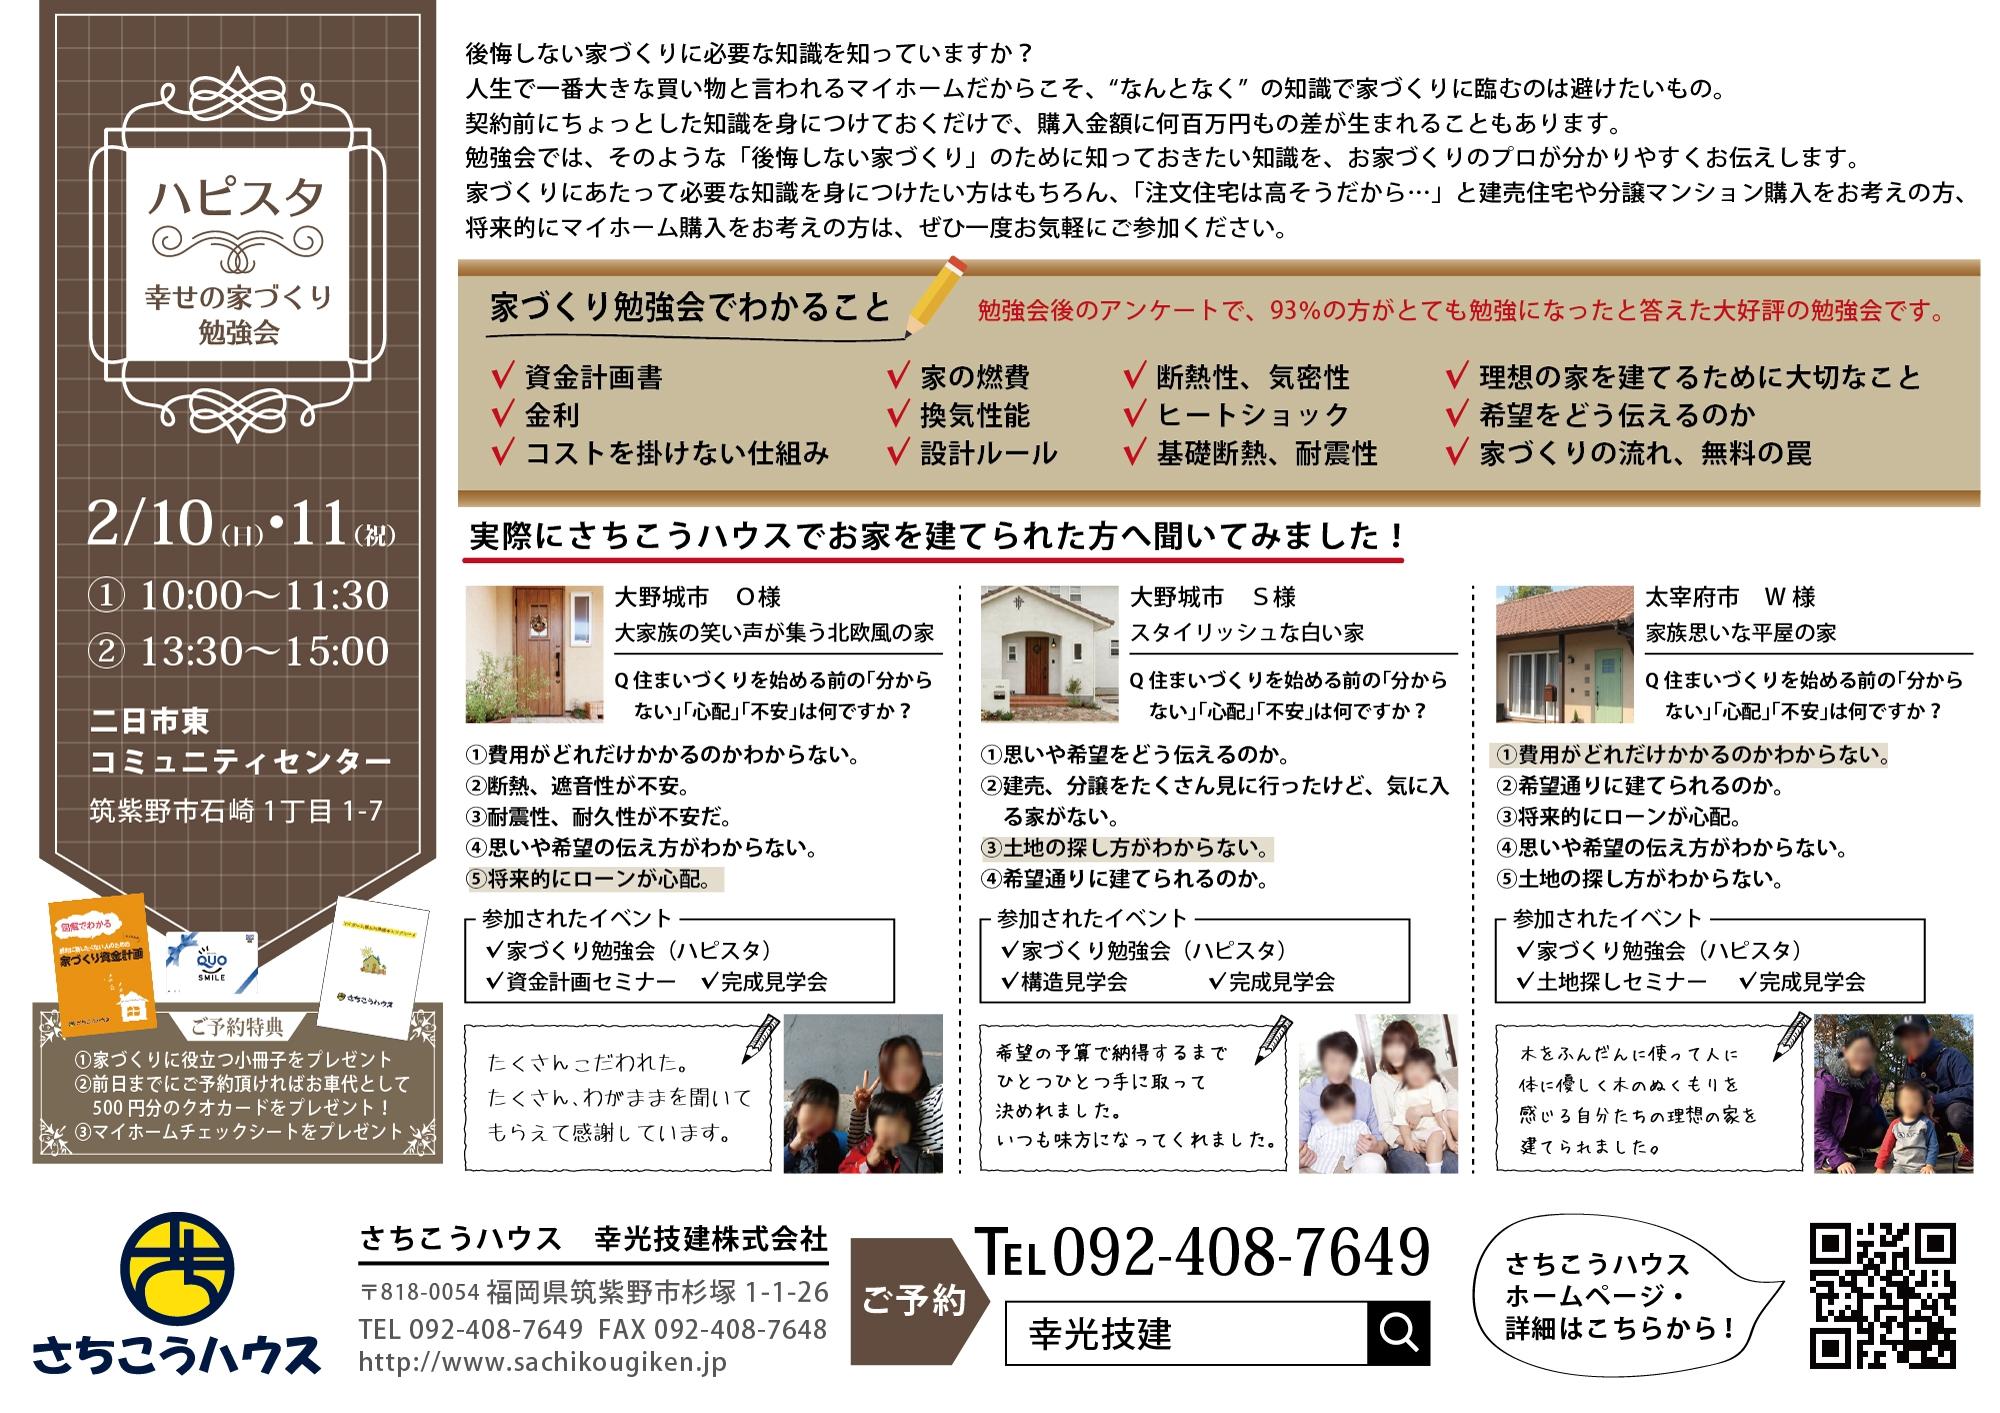 ハピスタ_二日市東コミュニティセンター_裏_0.jpg